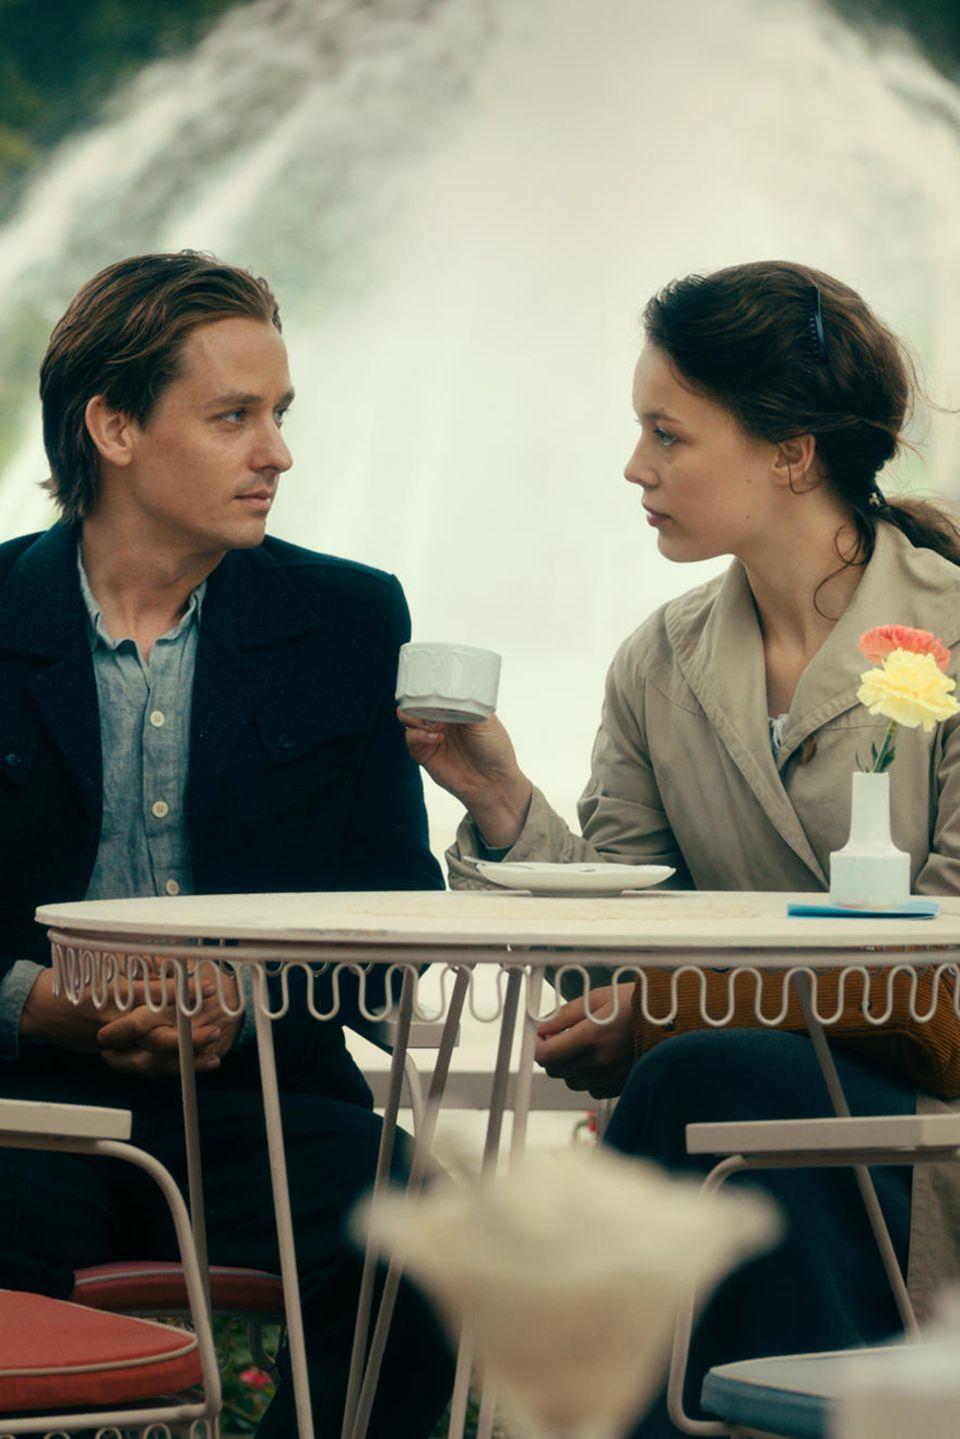 Im Film verliebt sich der junge Maler Kurt (Tom Schilling) in die Modestudentin Elisabeth (Paula Beer). Ihr Vater, ein ehemaliger SS-Arzt, ist gegen die Verbindung